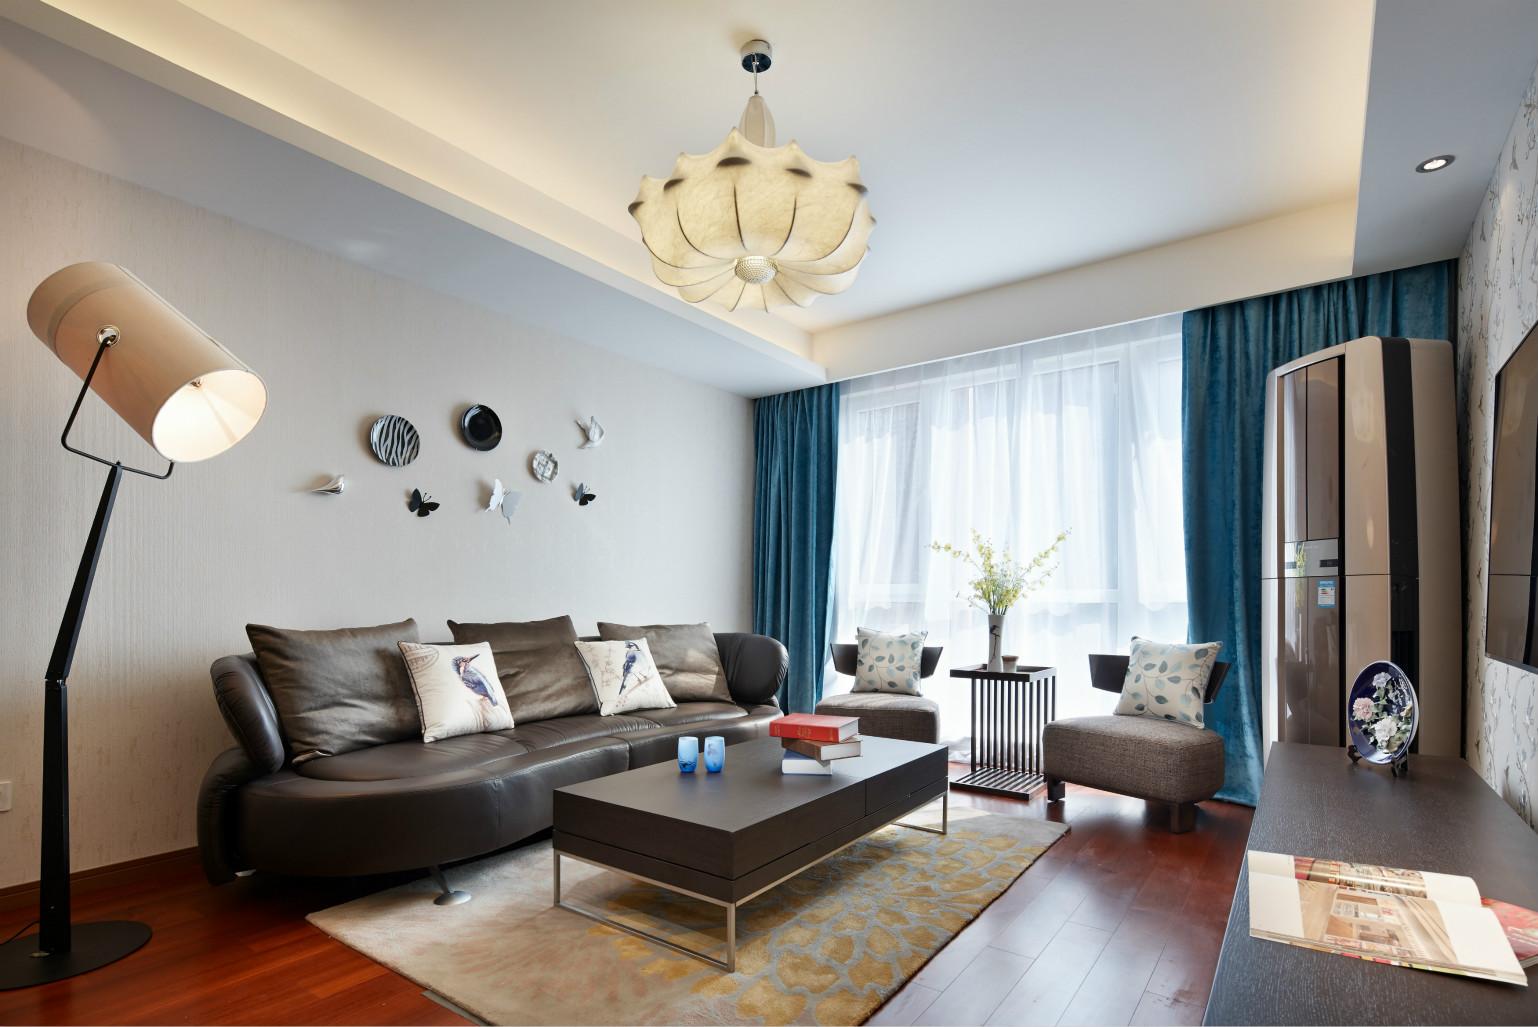 客厅黑色皮质沙发搭配黑色木质的茶几,在搭配上方花朵一样的吊灯,很是温暖清新